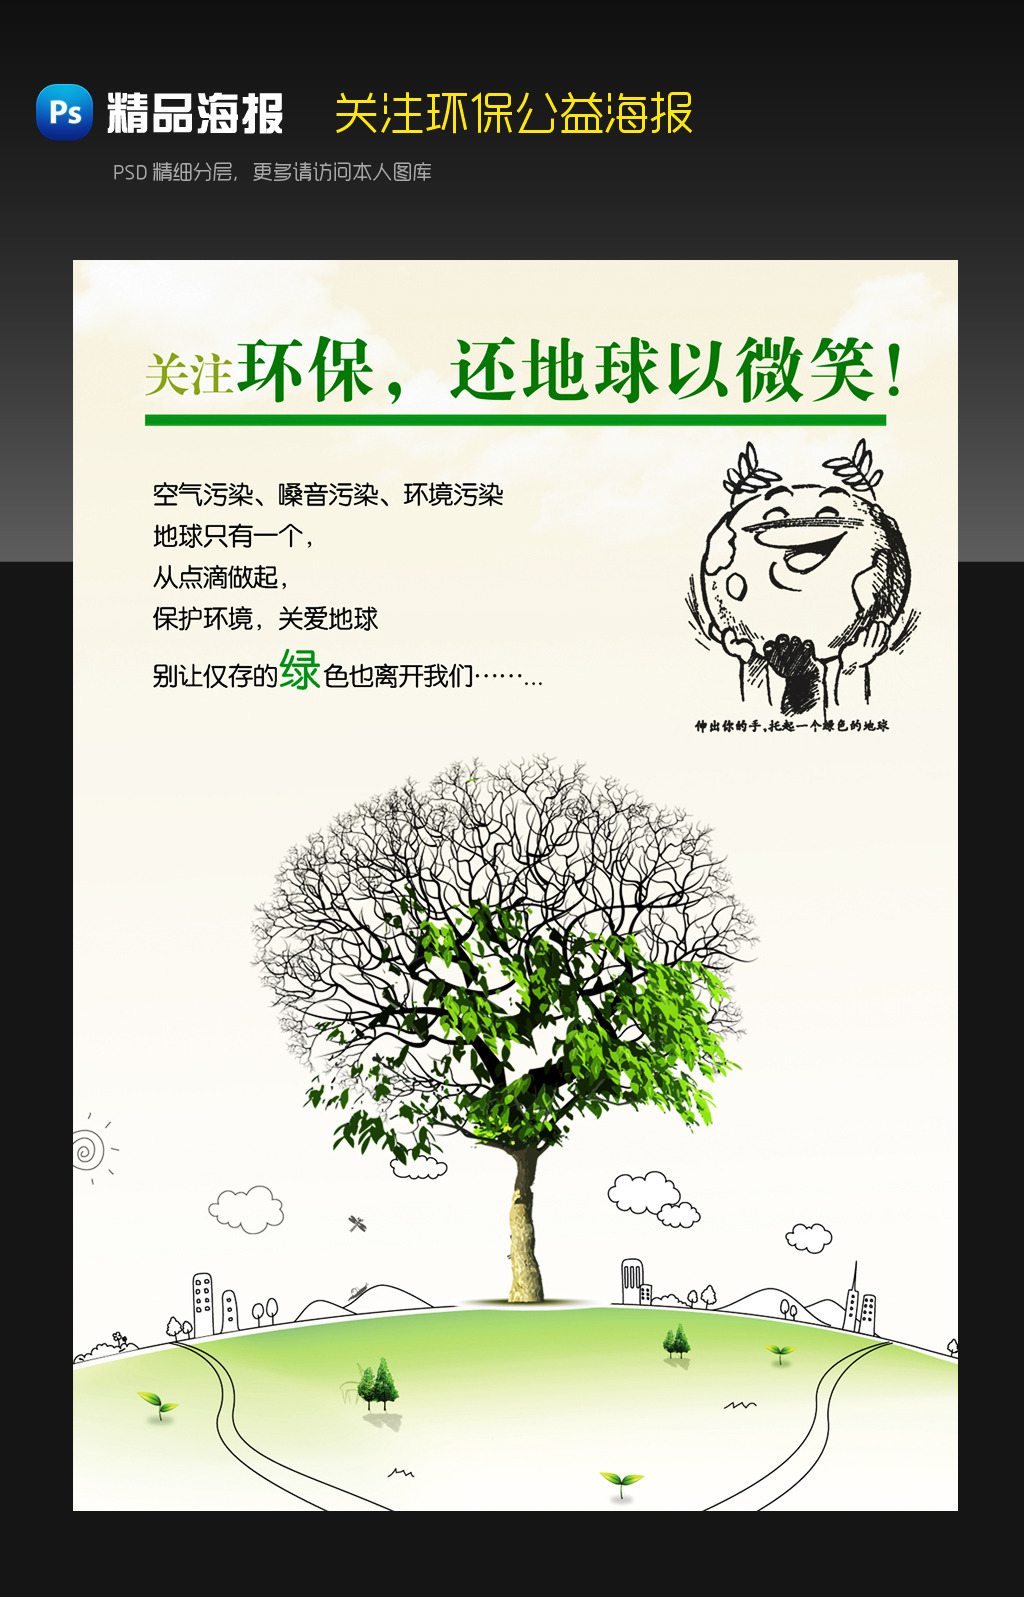 节能减排 宣传画 环境保护展板 节约能源 环保标志 绿色出行海报 节能